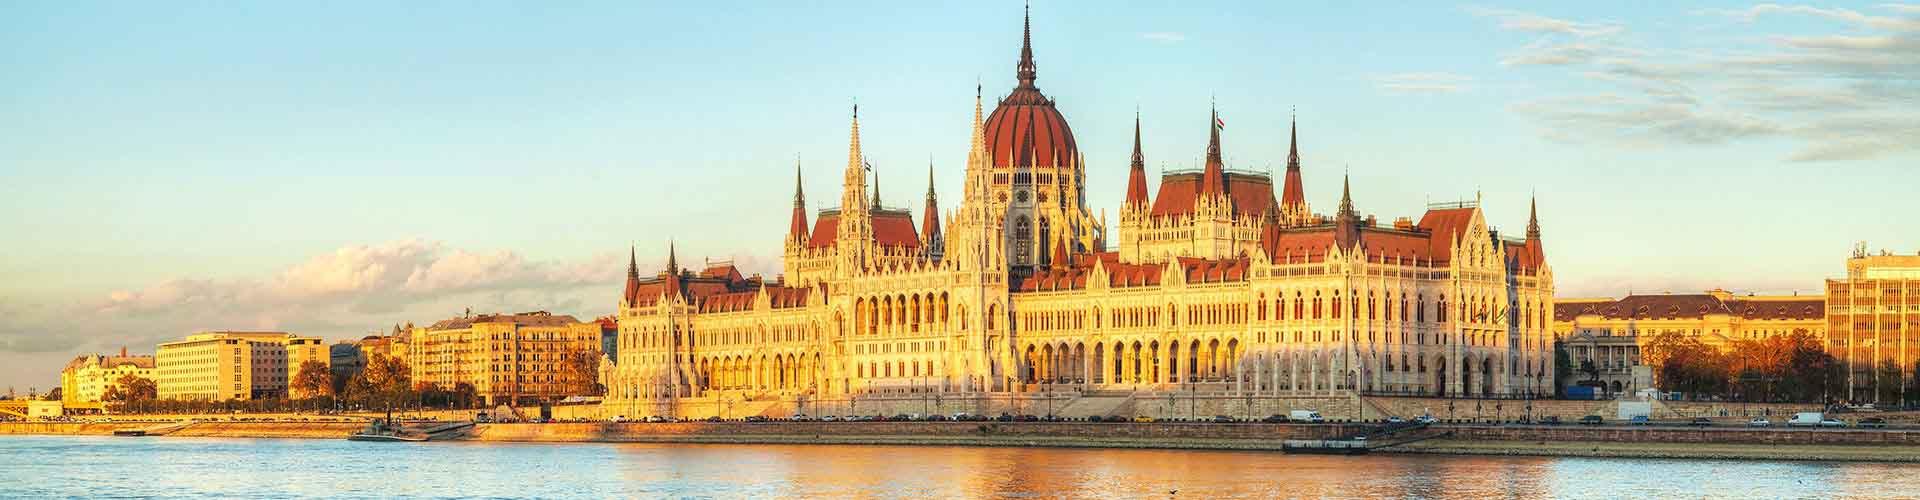 布达佩斯 – 布达城堡附近的露营地。布达佩斯地图,布达佩斯每个露营地的照片和评价。